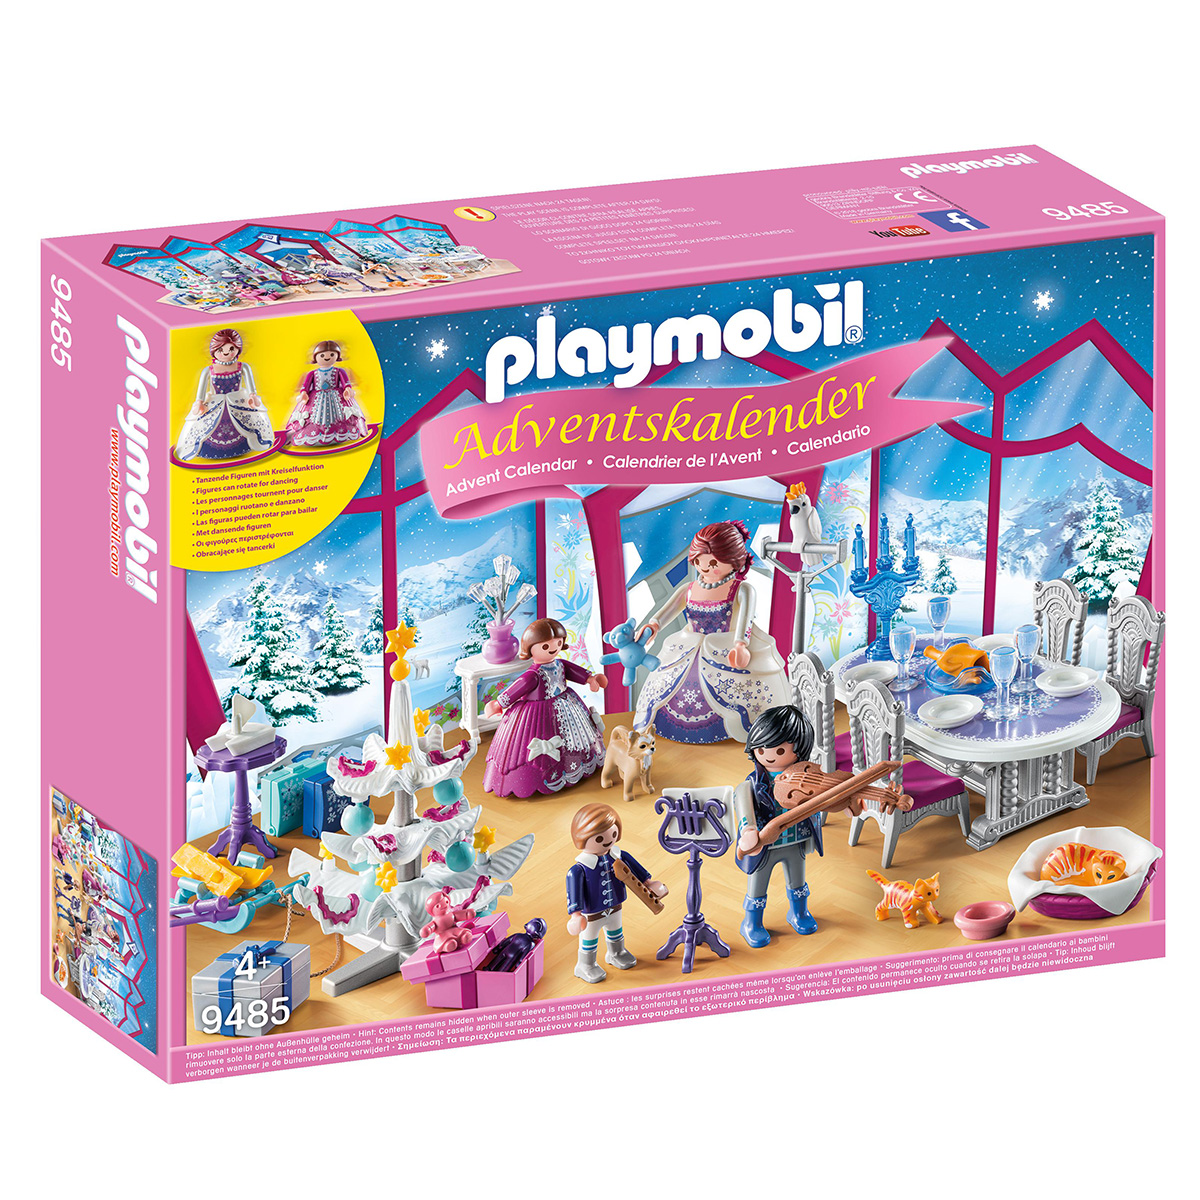 Playmobil julekalender - Julebal i krystalsalen